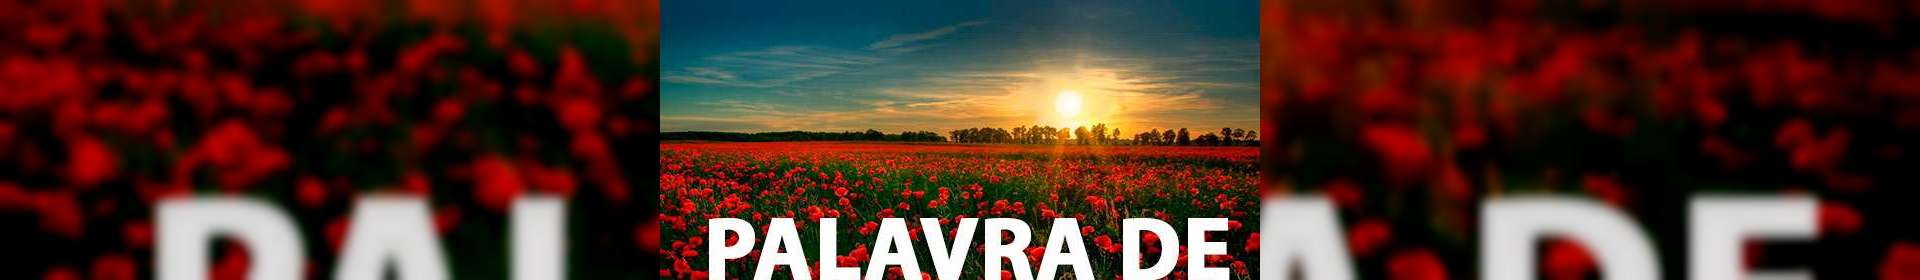 Isaías 40:31 - Uma Palavra de Esperança para sua vida